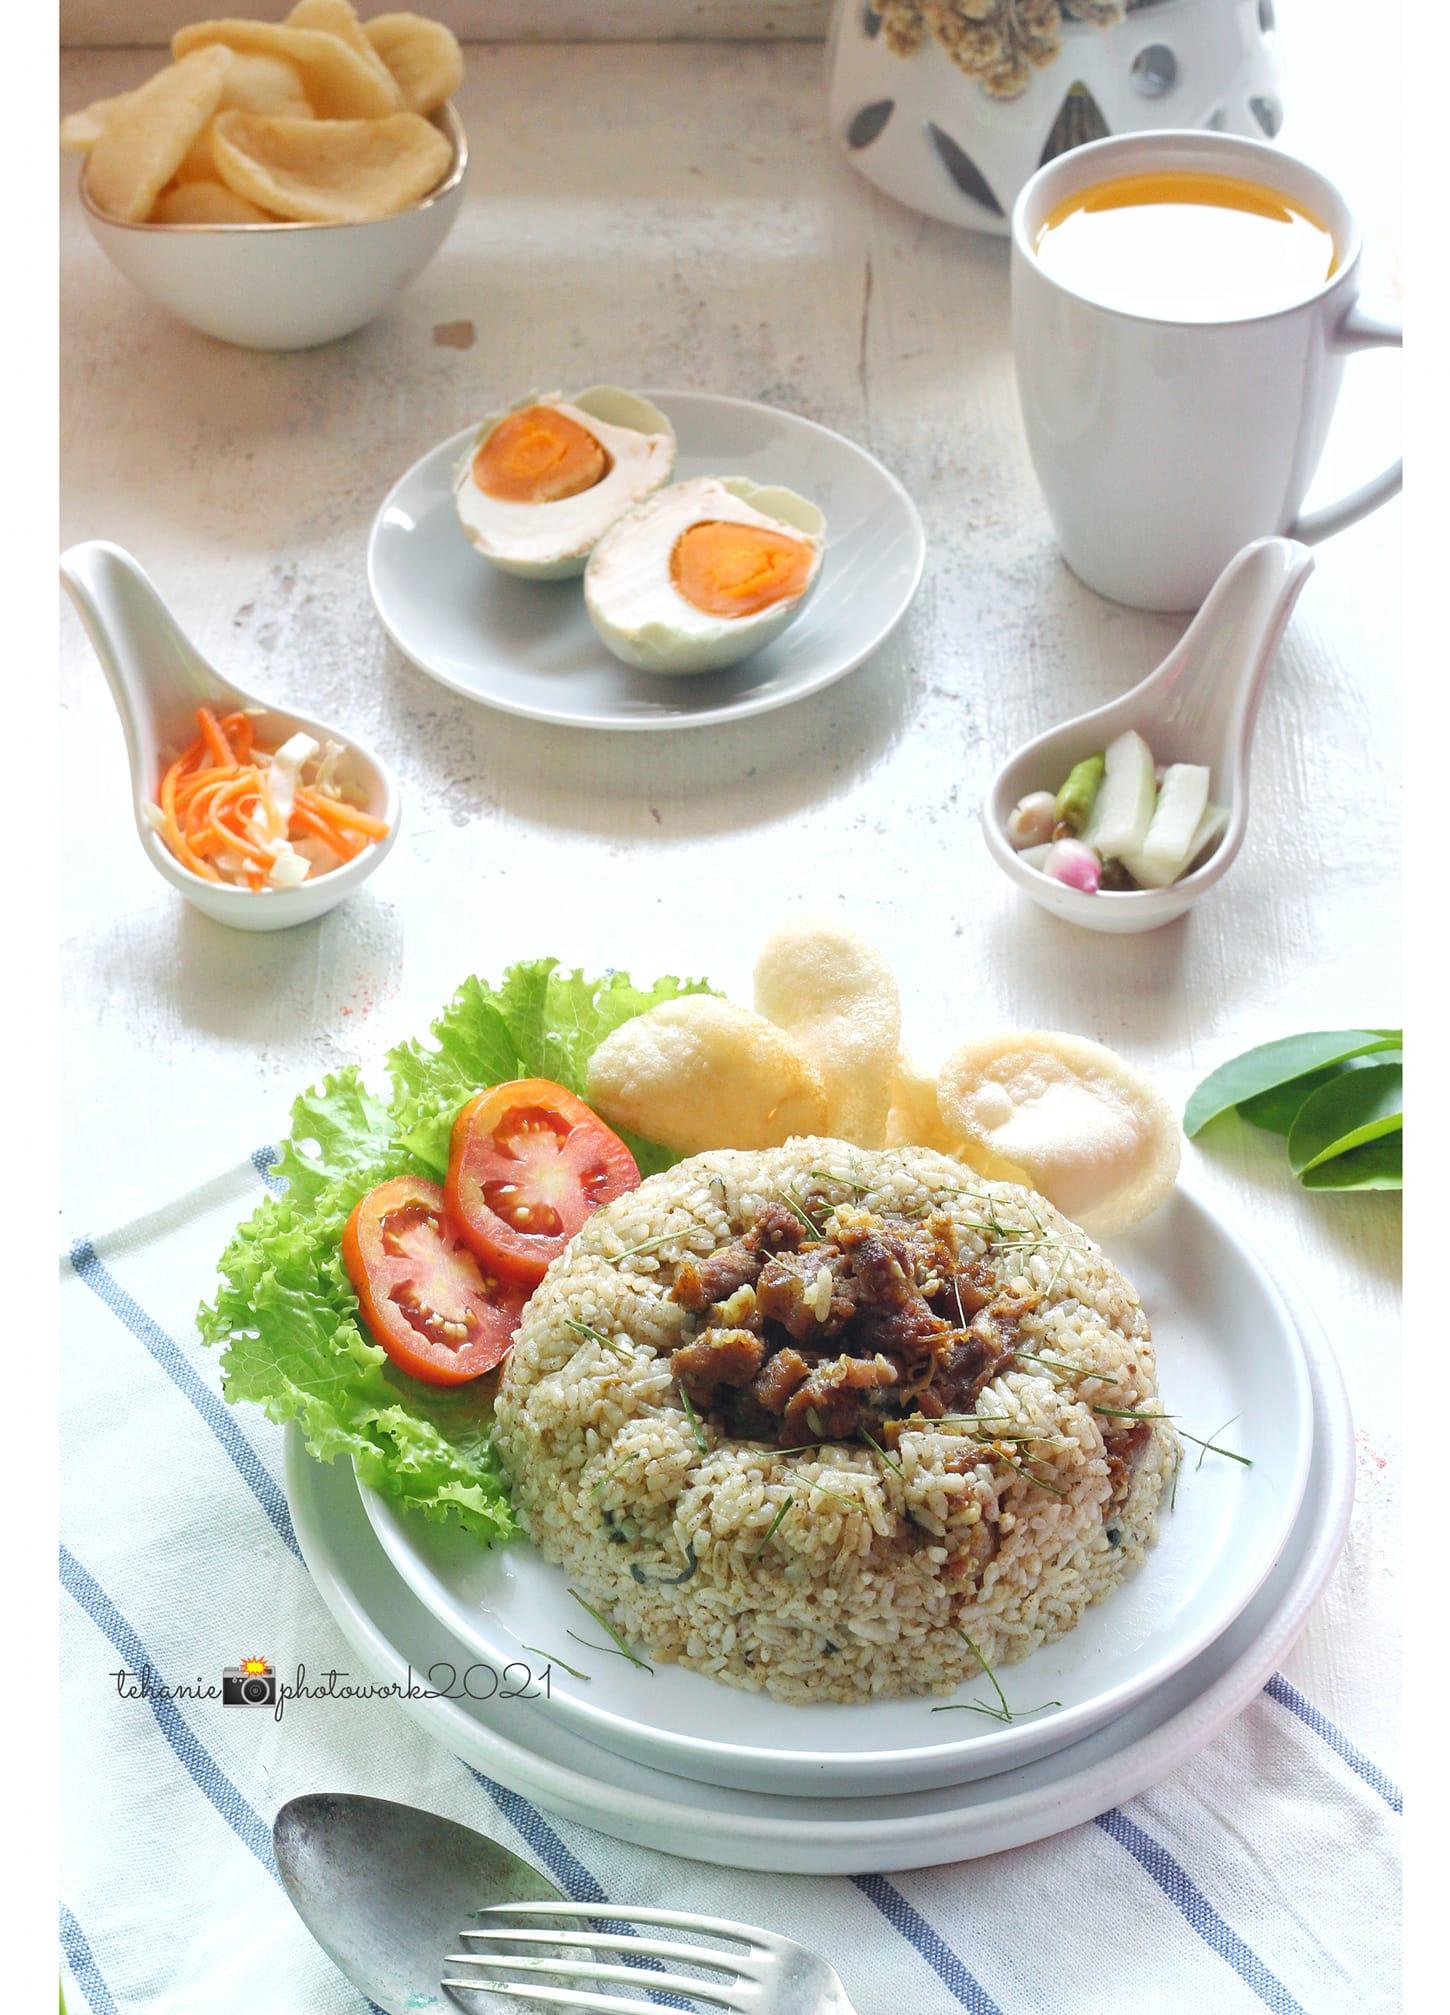 Resep nasi goreng rawon by Teh Anie